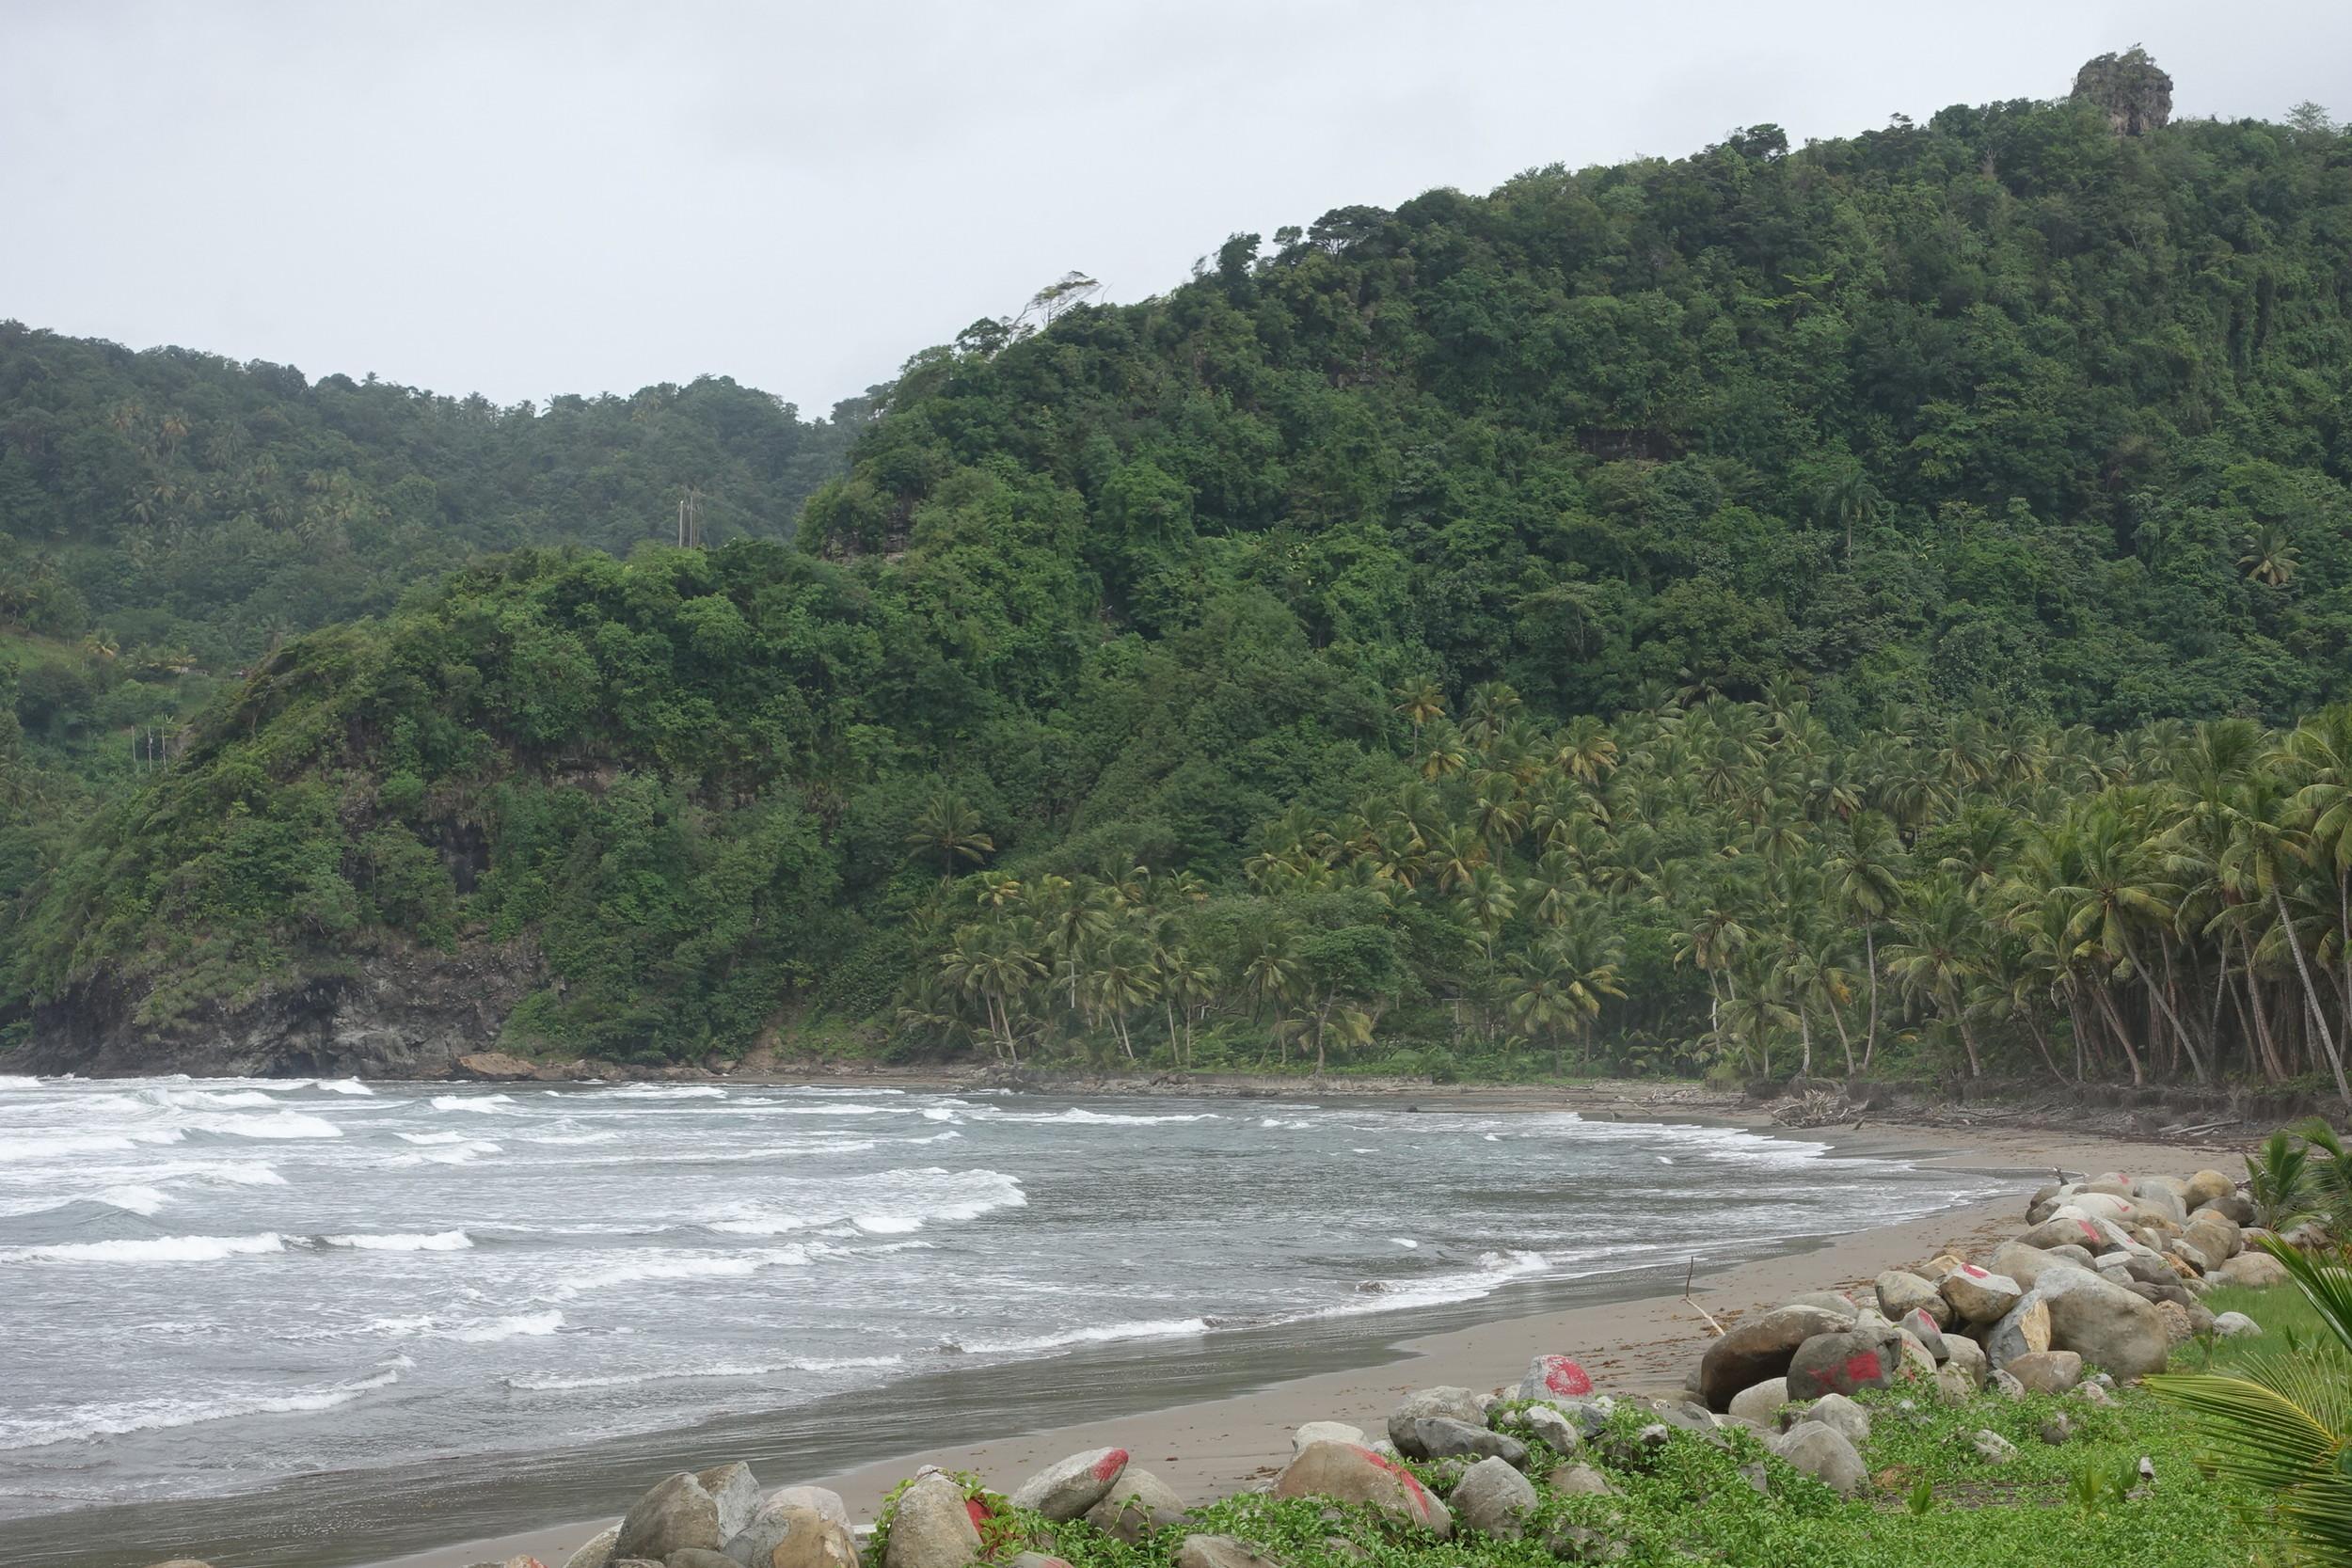 PAGUA BAY, ATLANTIC EAST COAST